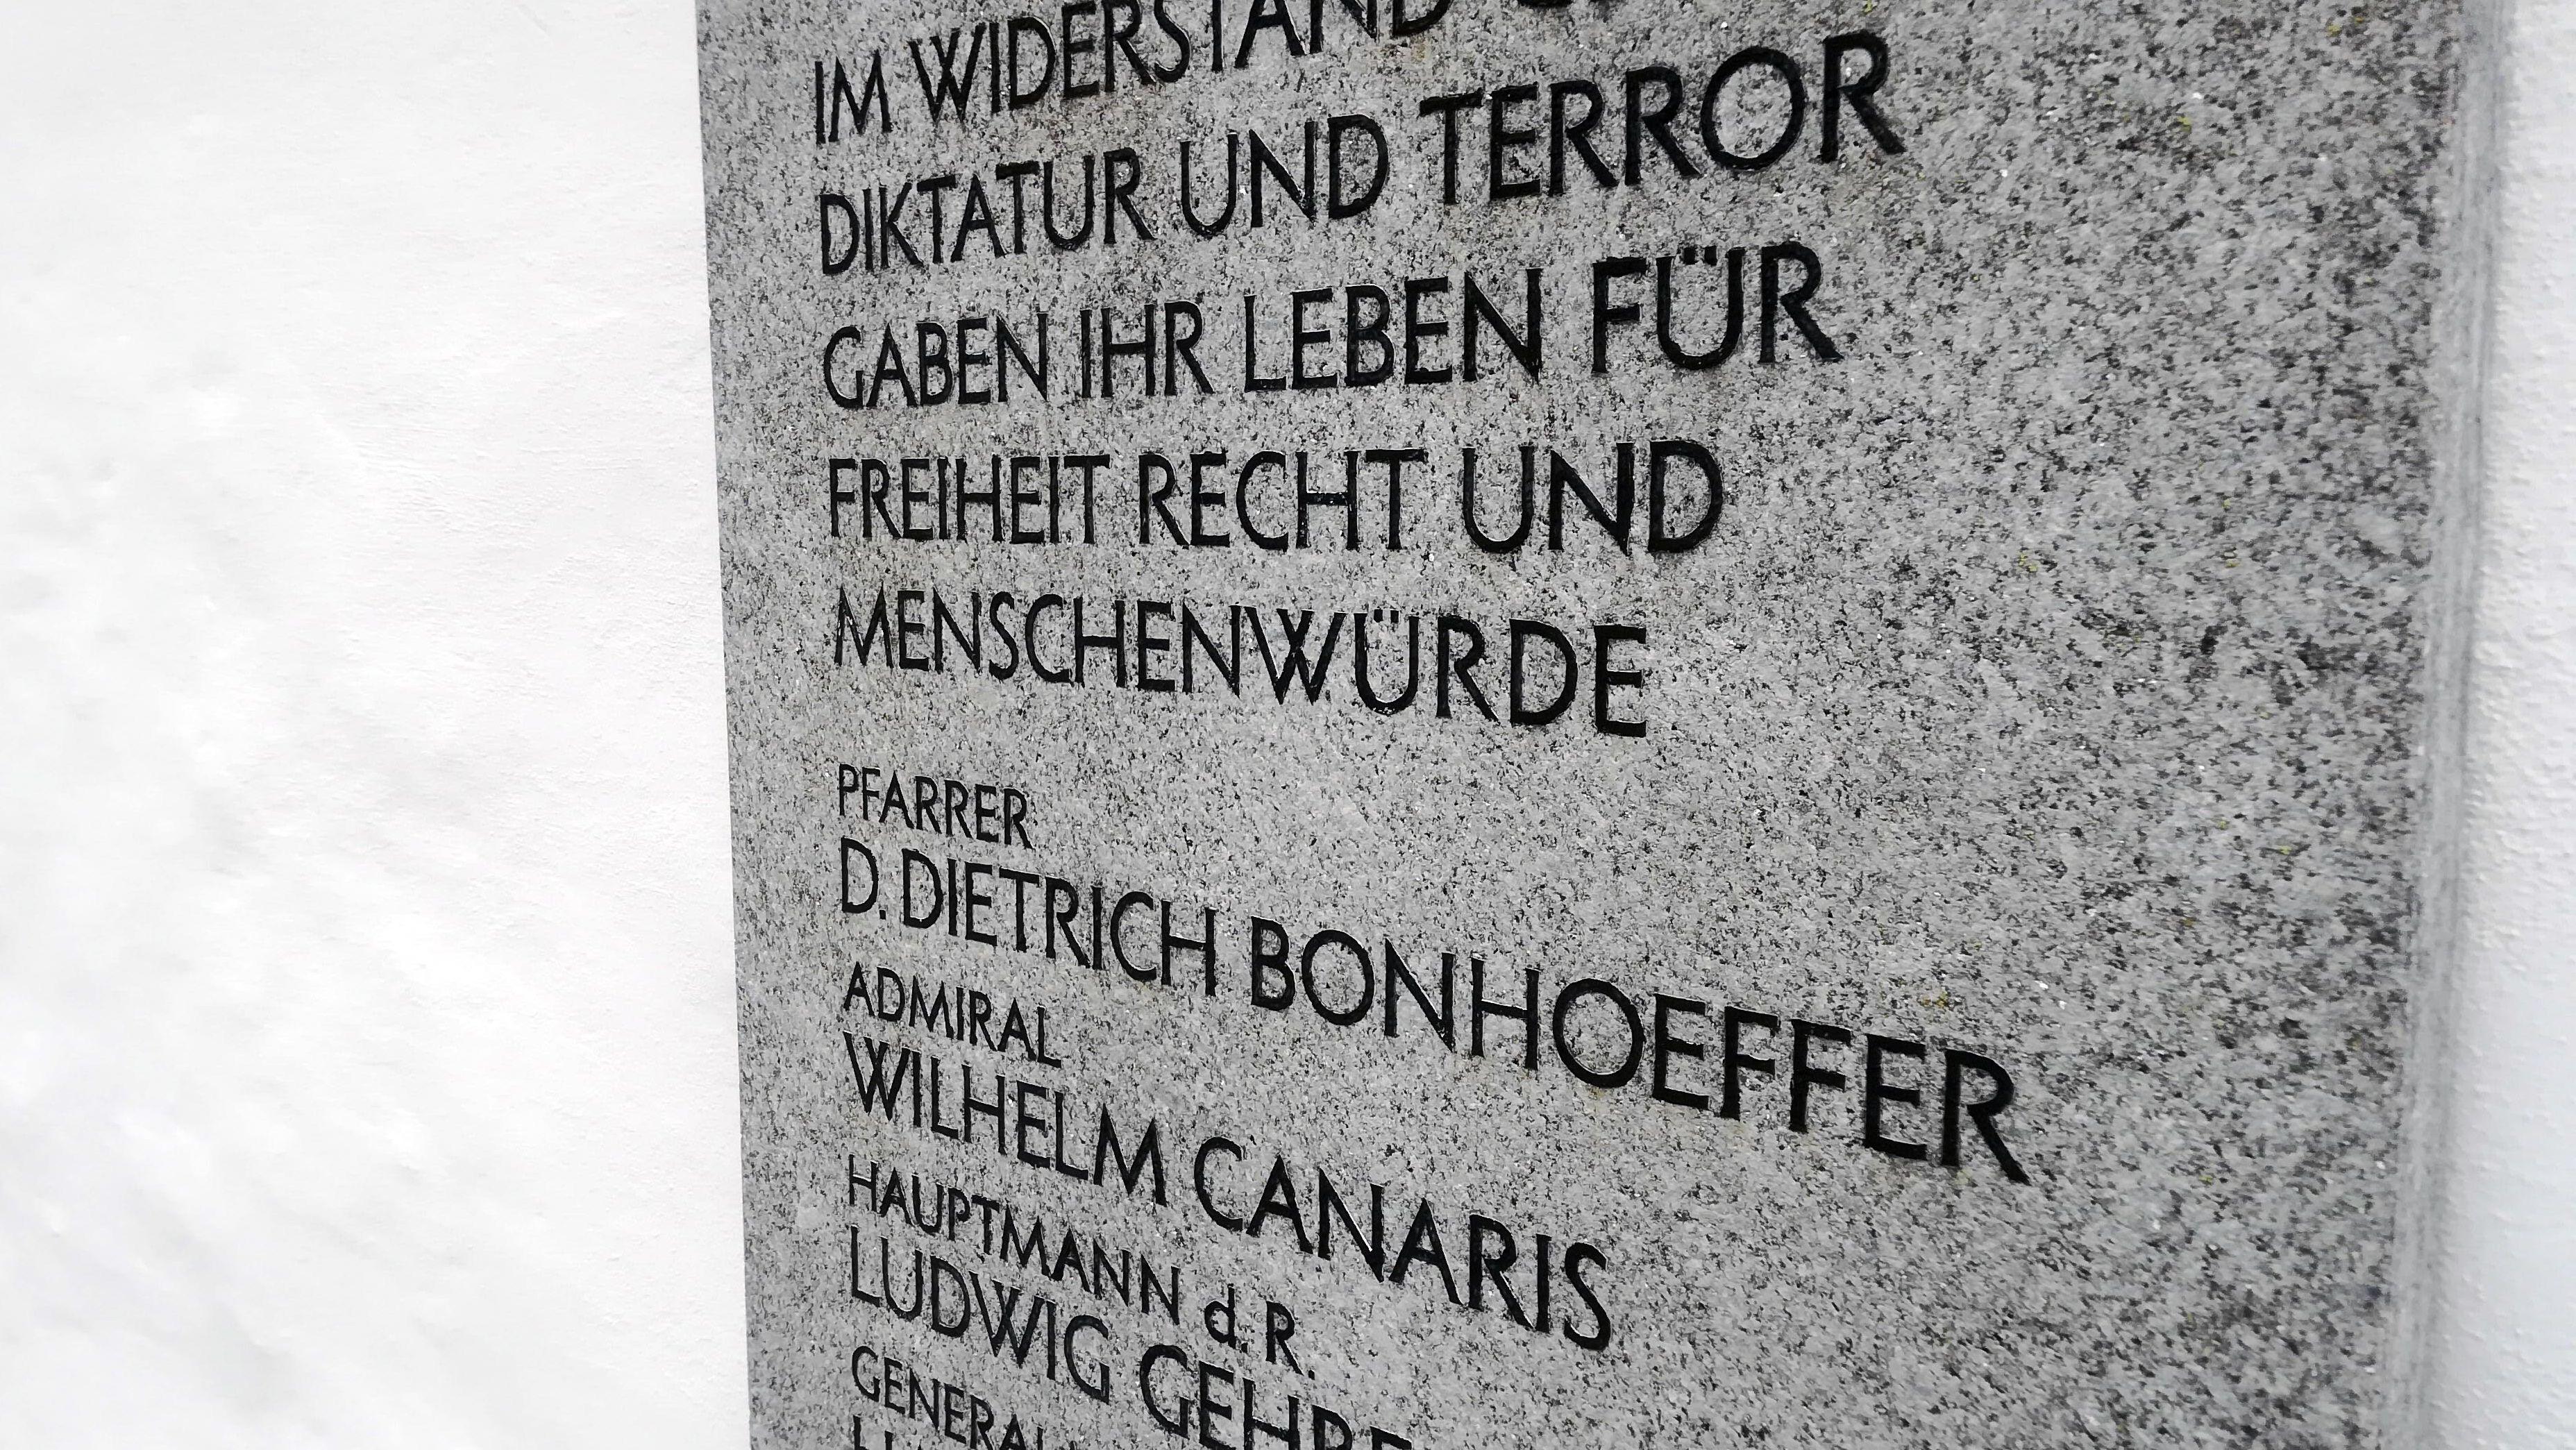 Dieser Gedenkstein in der KZ-Gedenkstätte Flossenbürg erinnert an die Ermordung Bonhoeffers und anderer NS-Widerstandskämpfrer am 9. April 1945.